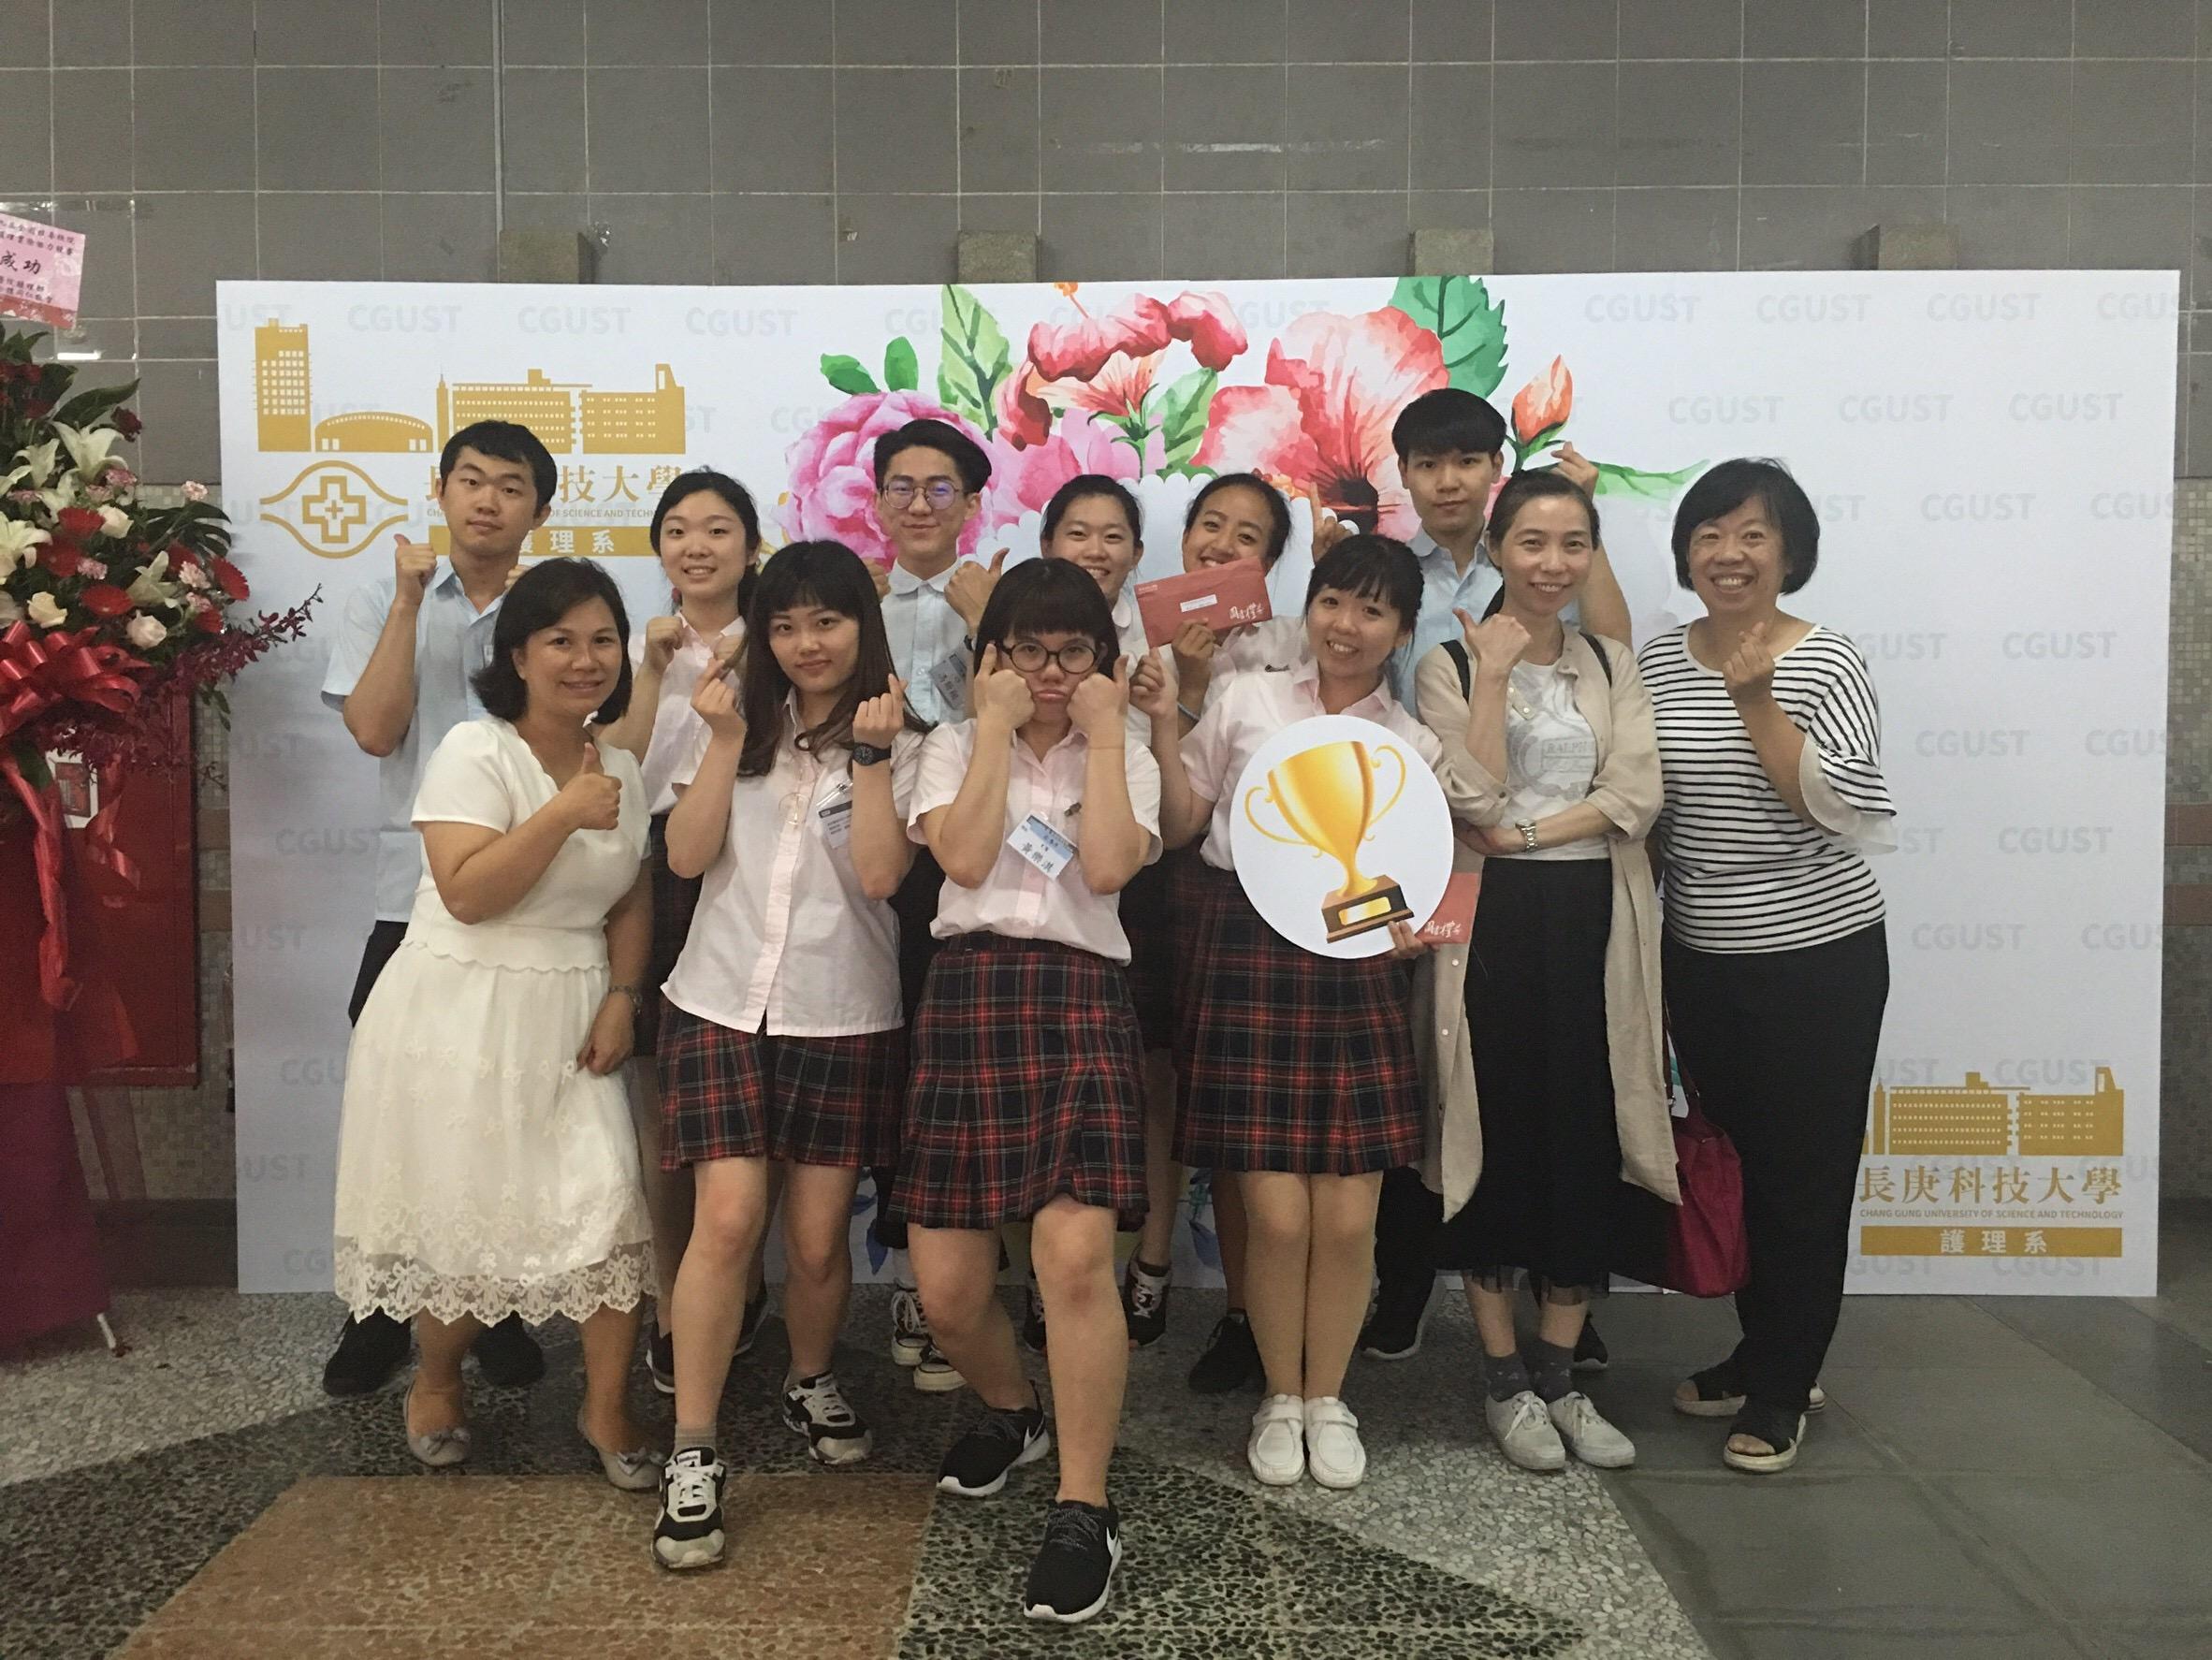 恭賀!! 本校護理科何蕙恩同學獲得2018年第九屆全國技專校院護理實務能力競賽病歷閱讀與護病溝通(中文組) 第一名